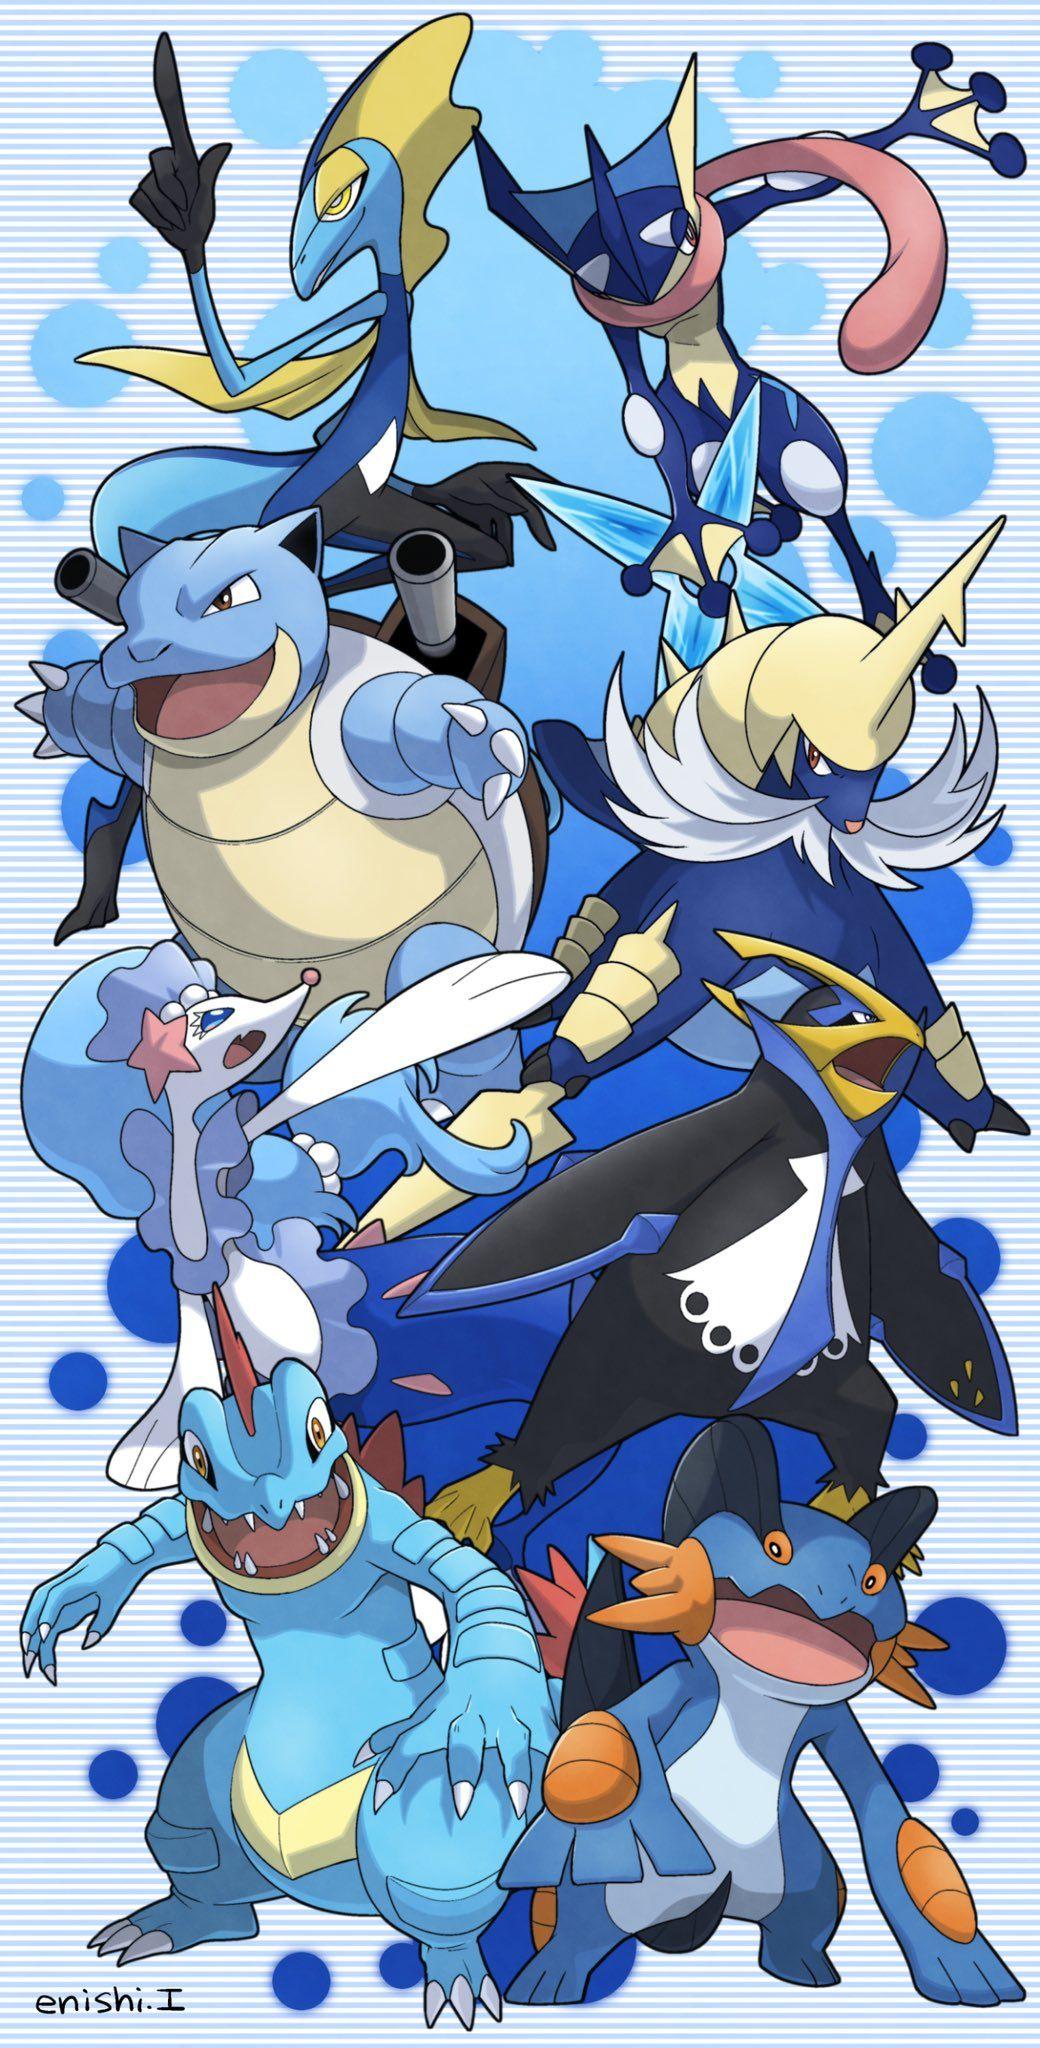 マウスピースエニシ工場長 On Twitter In 2020 Pokemon Bilder Alle Pokemon Pokemon Kunst